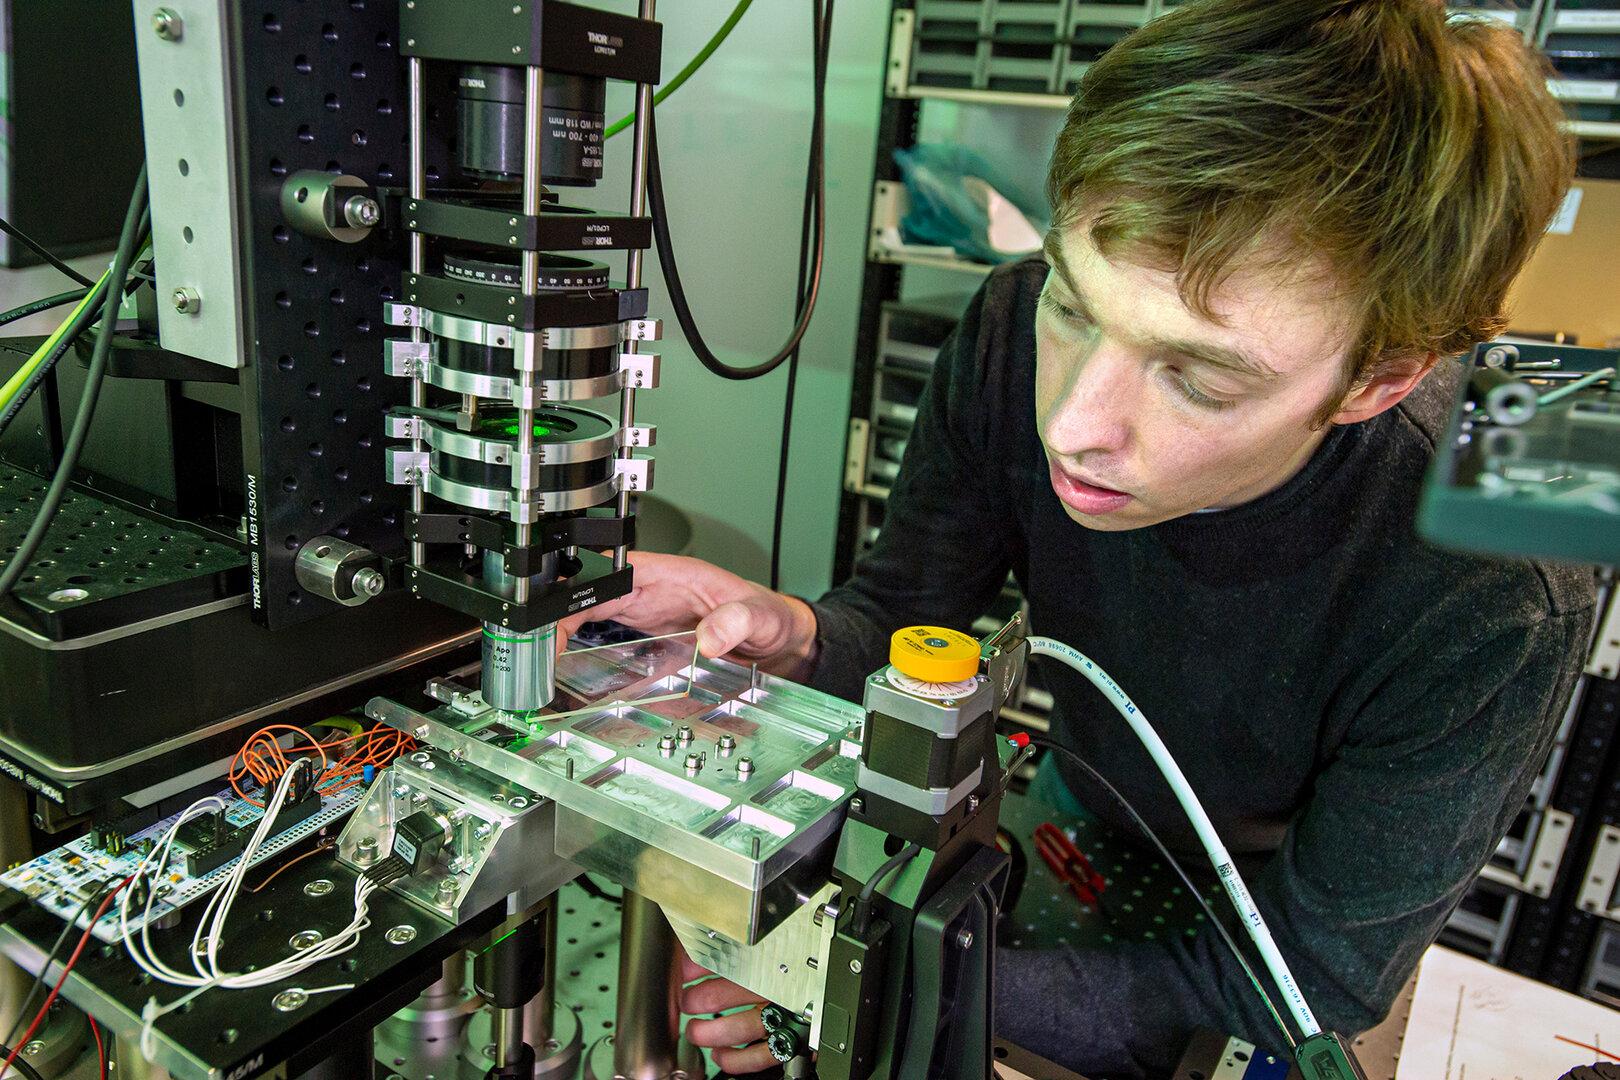 Wissenschaftler James Clegg legt Glasspeicher in das aufwendige Lesegerät ein